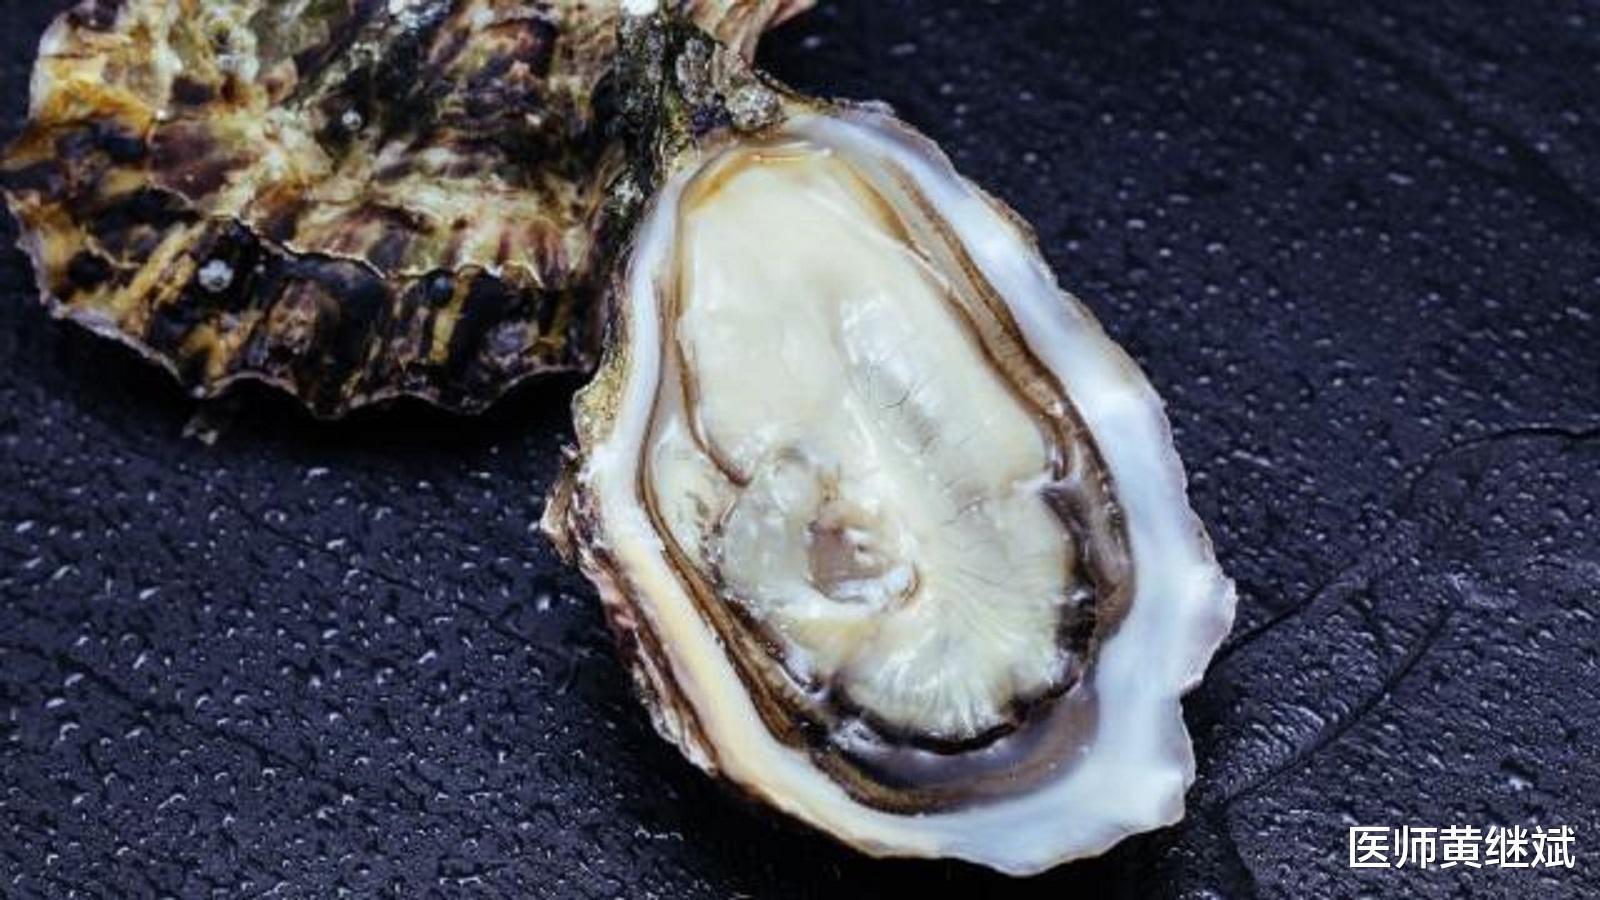 四月肥蚝养生季到了,两类人不宜多吃,生蚝的功效有哪些?